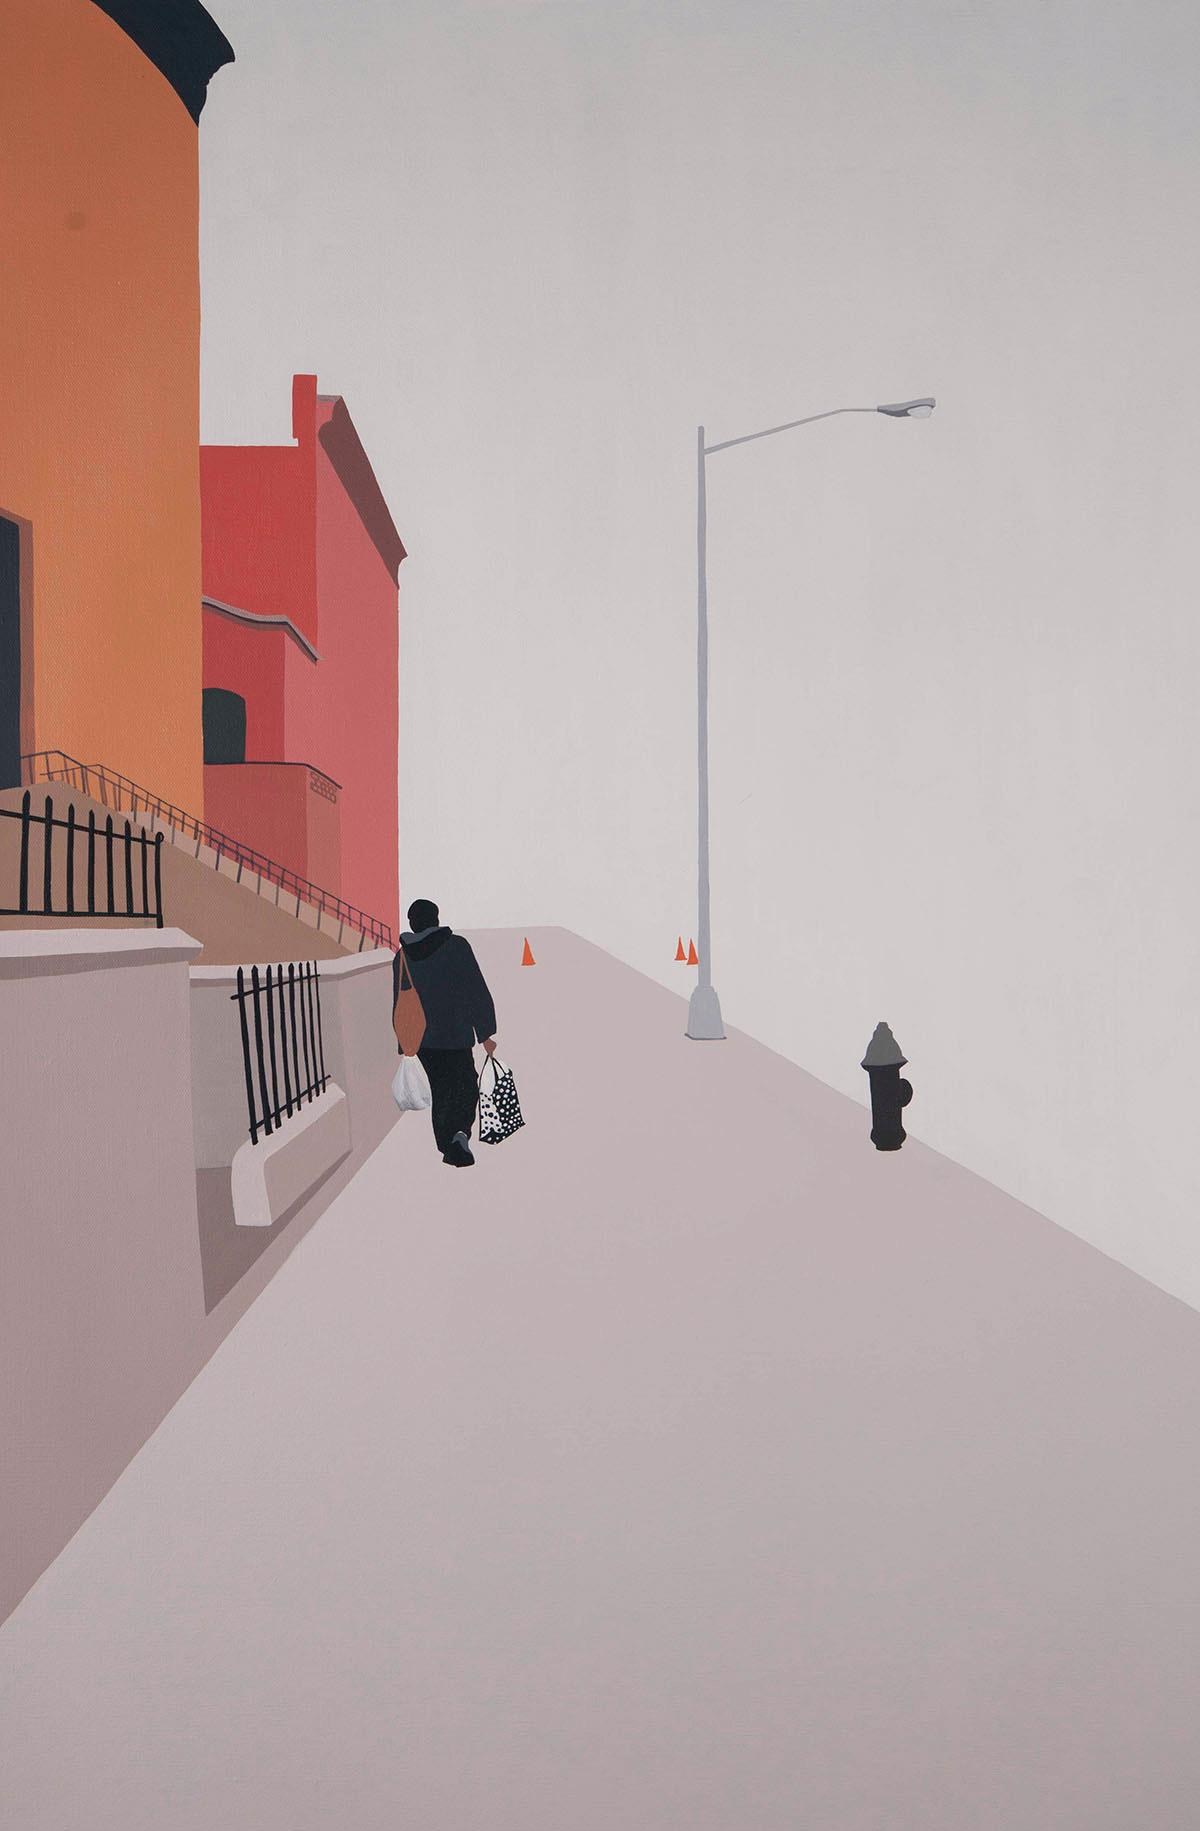 Backs, solitudine e isolamento nei dipinti di Gwen Yip | Collater.al 5